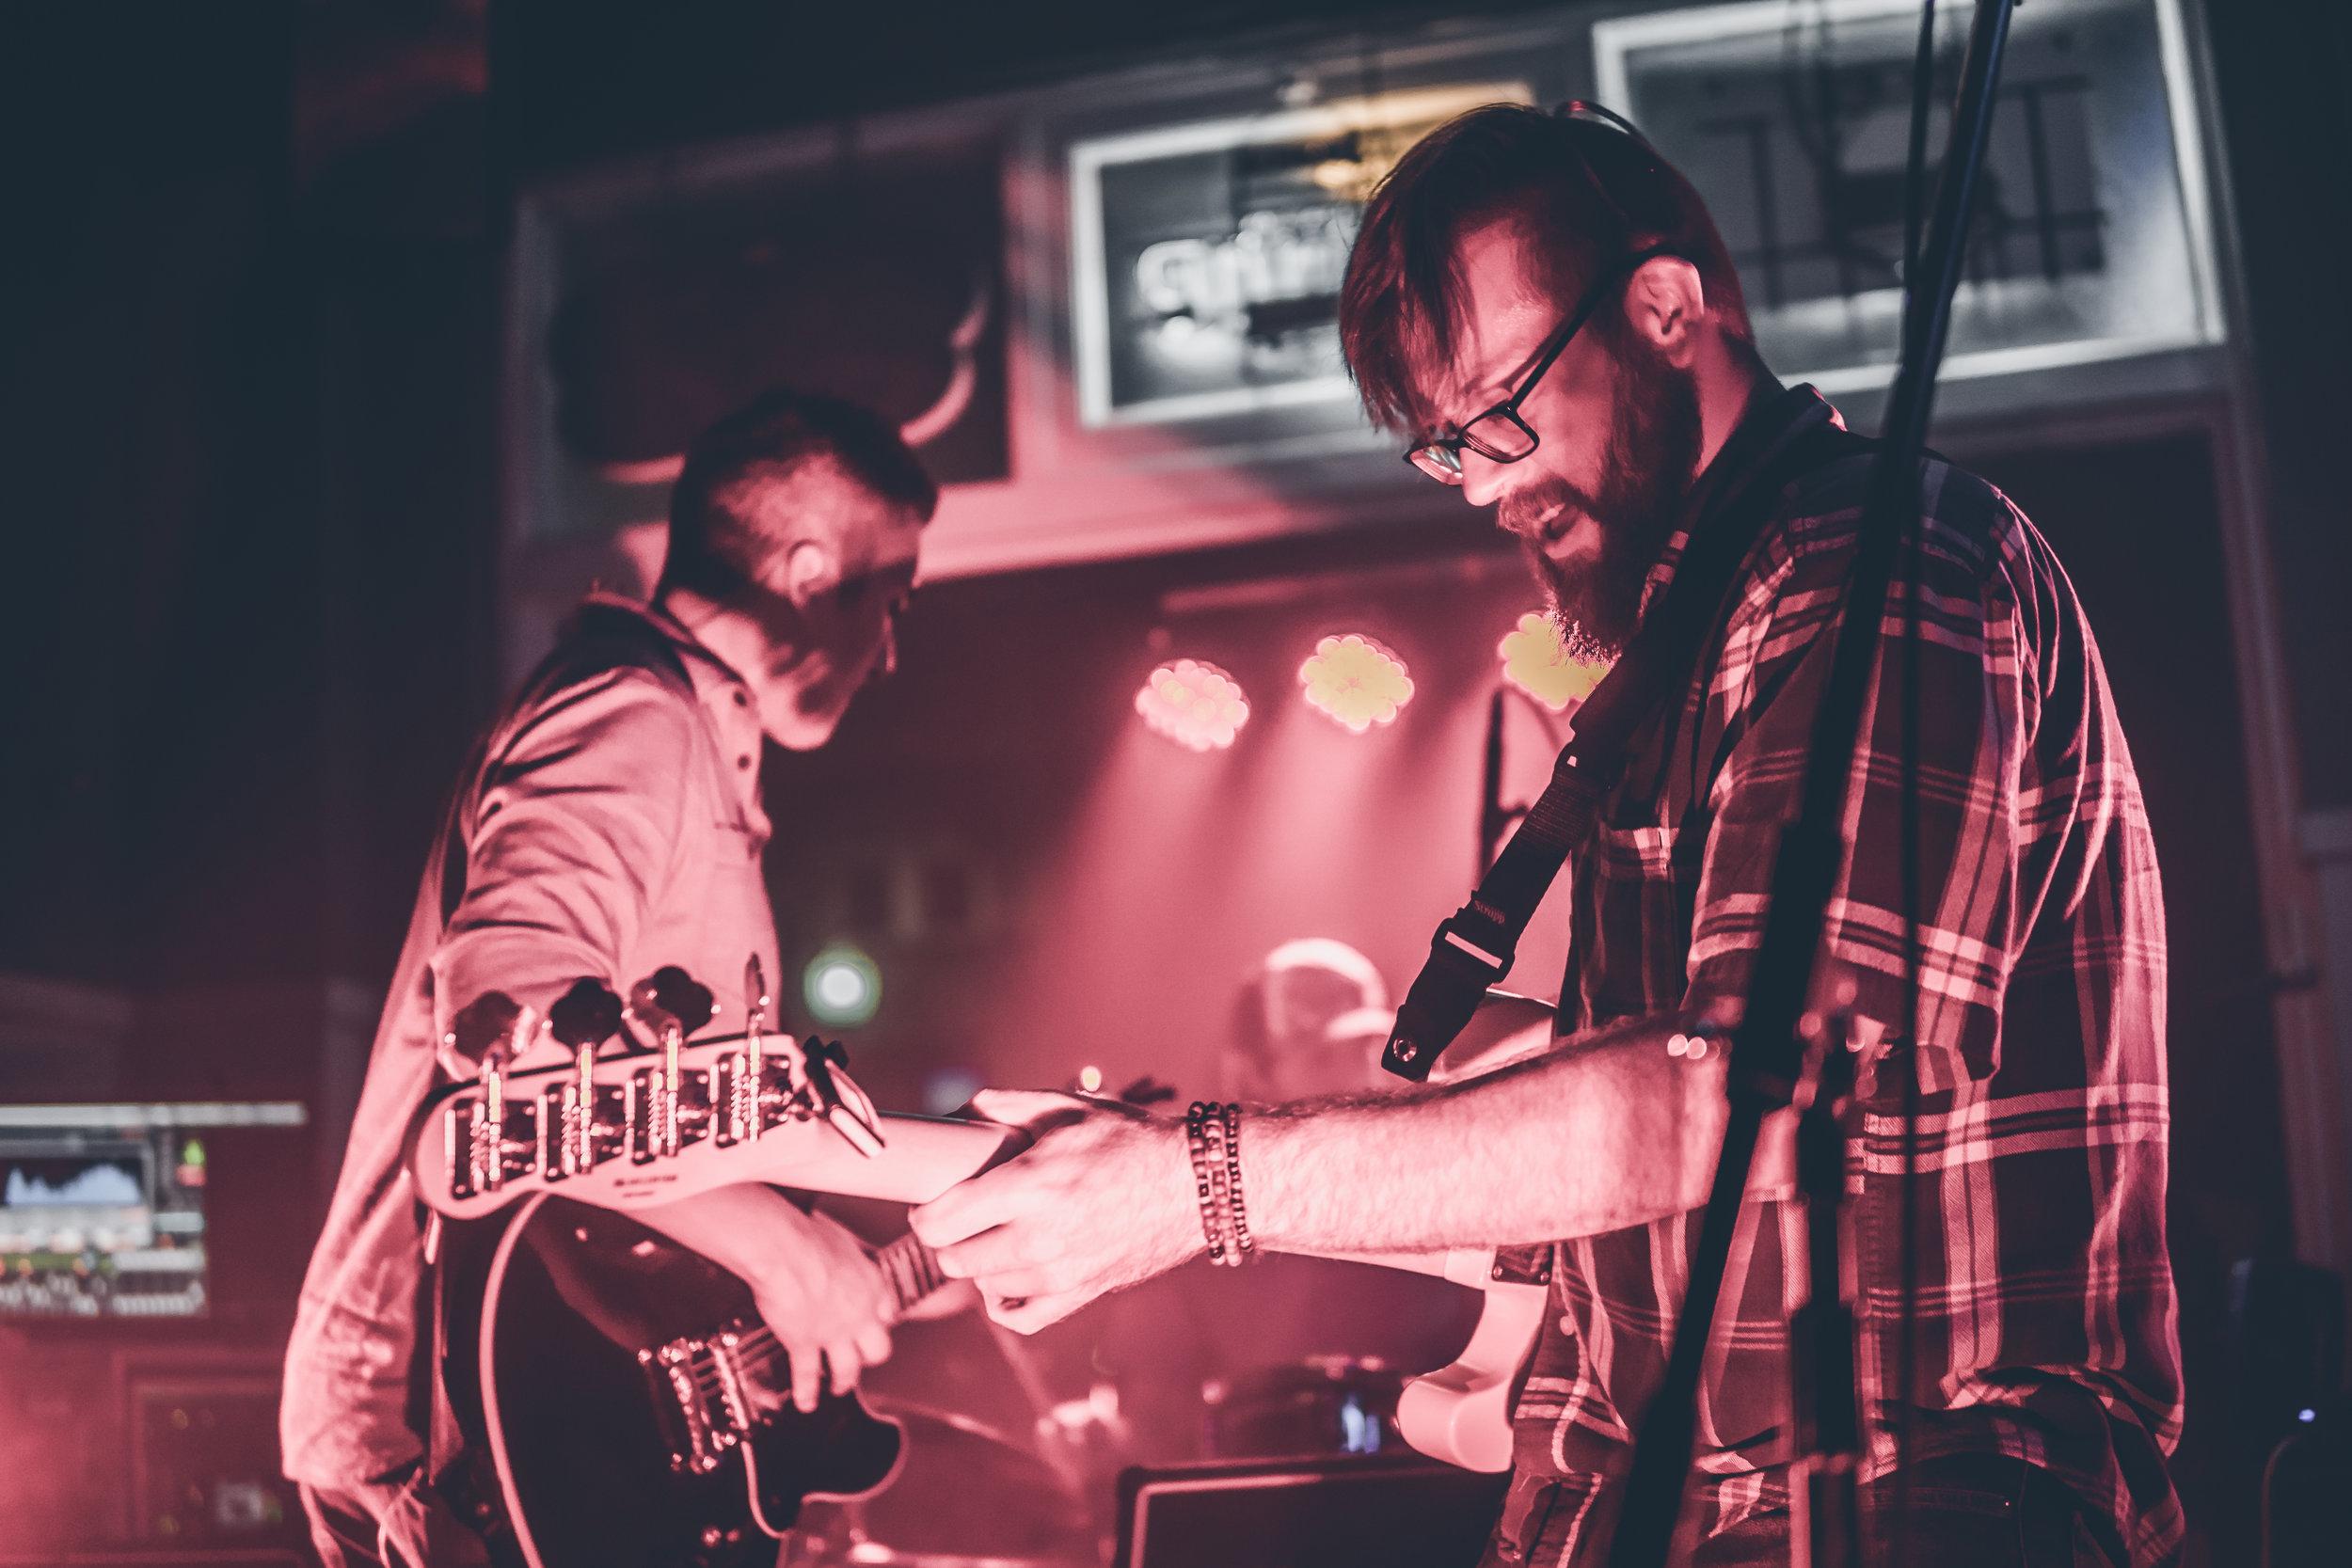 FM Pilots - Tulsa Rock Band - at Inner Circle Vodka Bar 090916-9.jpg